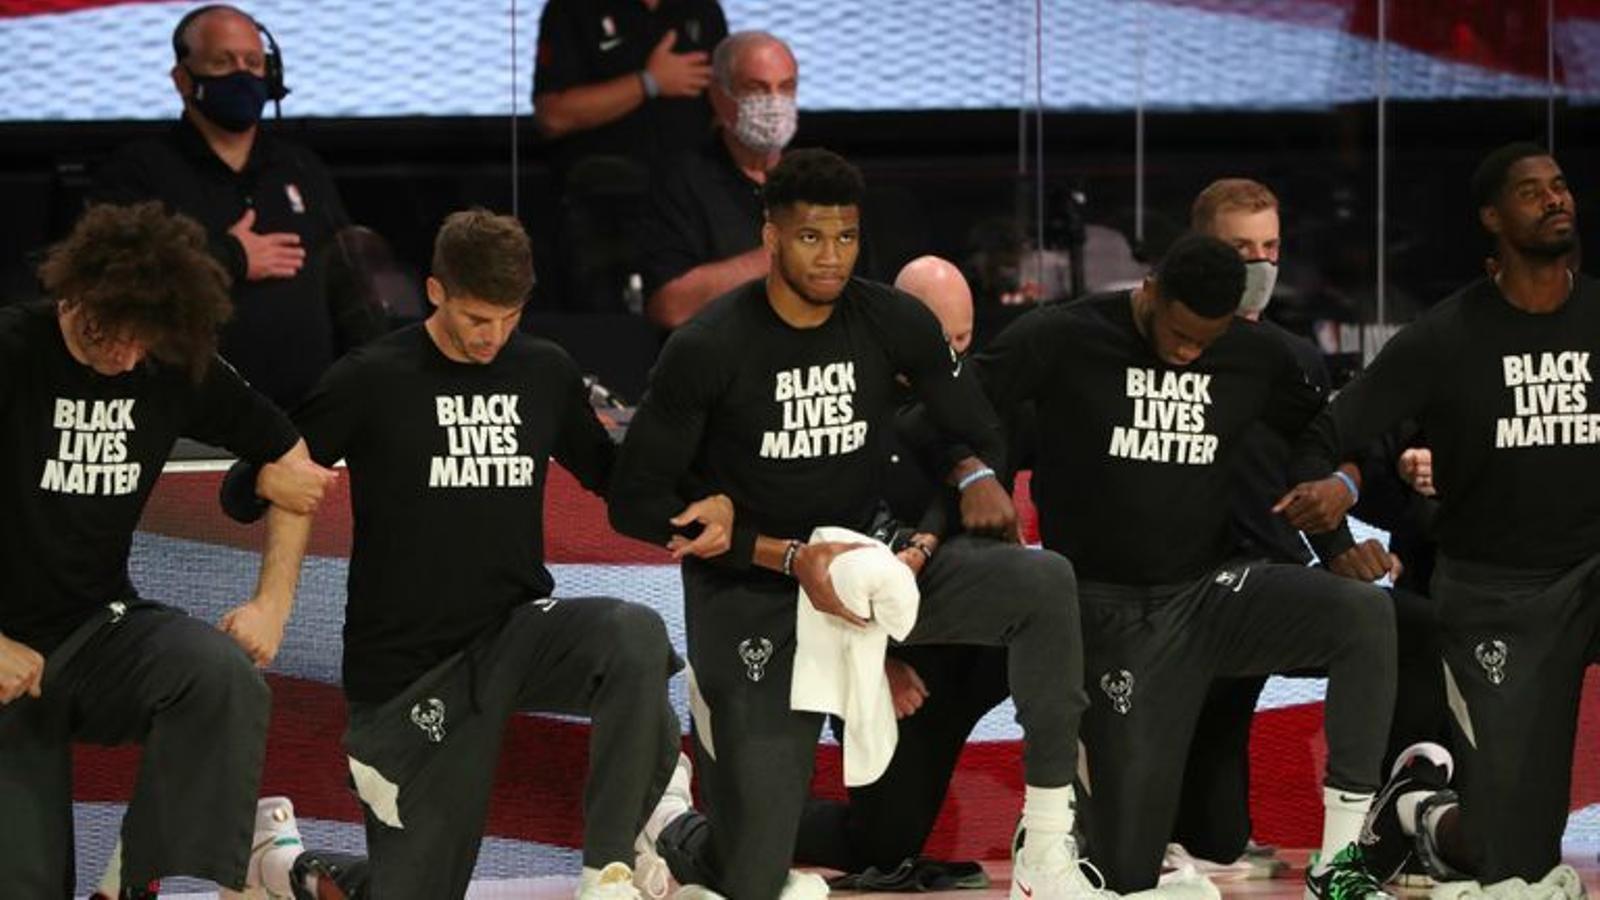 Els Milwaukee Bucks de la NBA es neguen a jugar el seu partit del play-off per protestar contra un nou cas de violència policial contra afroamericans